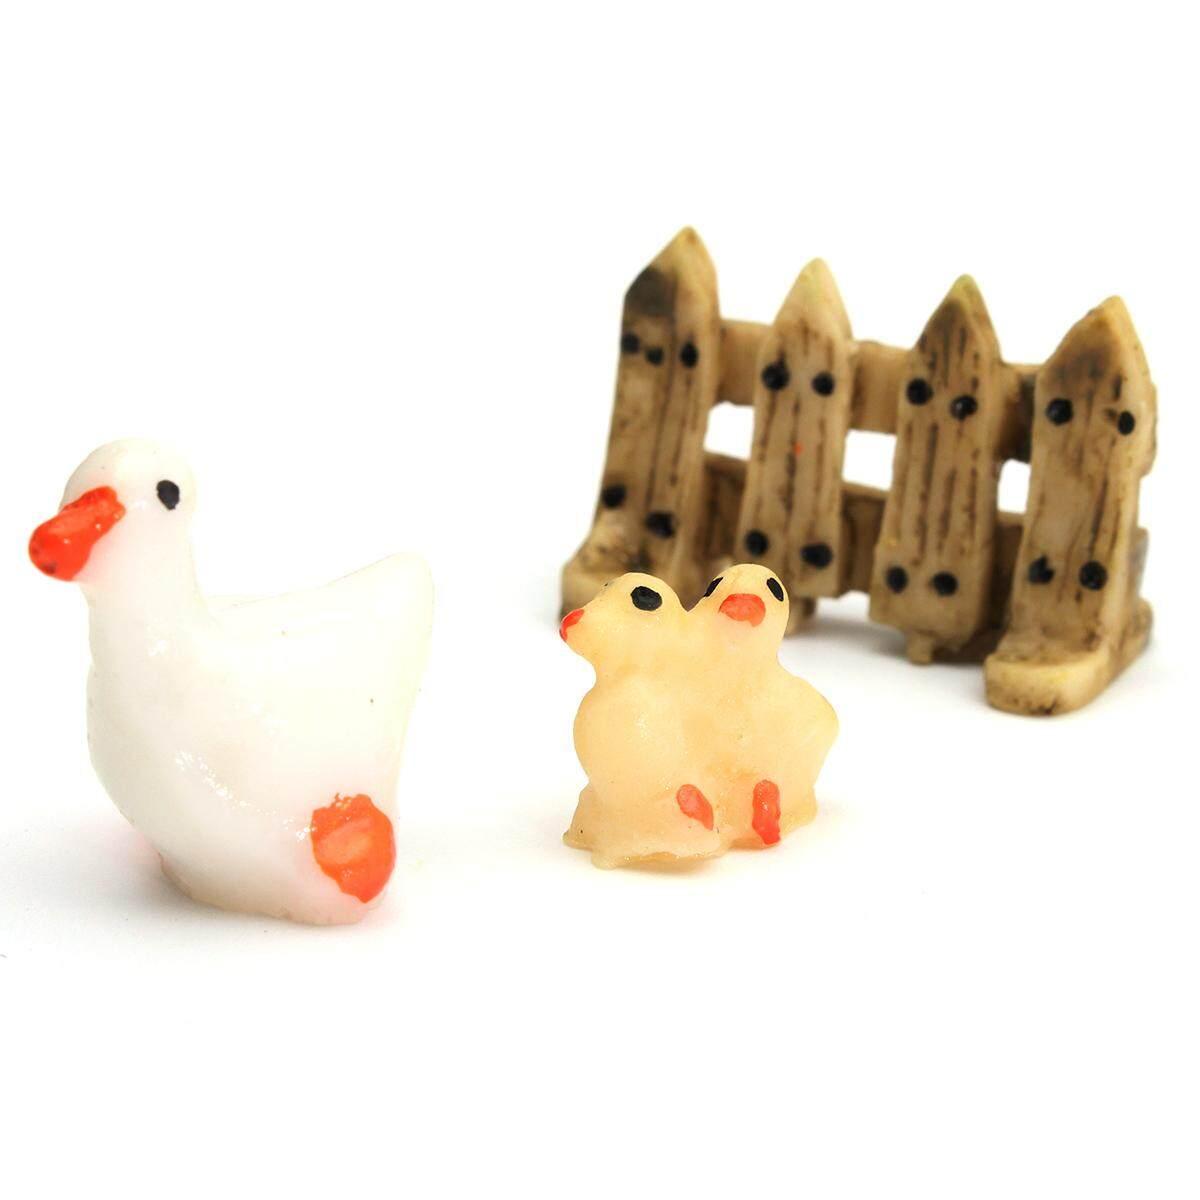 5 Pcs Set 3 Pcs Ornamen Taman Patung Miniatur Resin Kerajinan Pot Tanaman Dekorasi Peri Bebek Tiga Potong- INTL